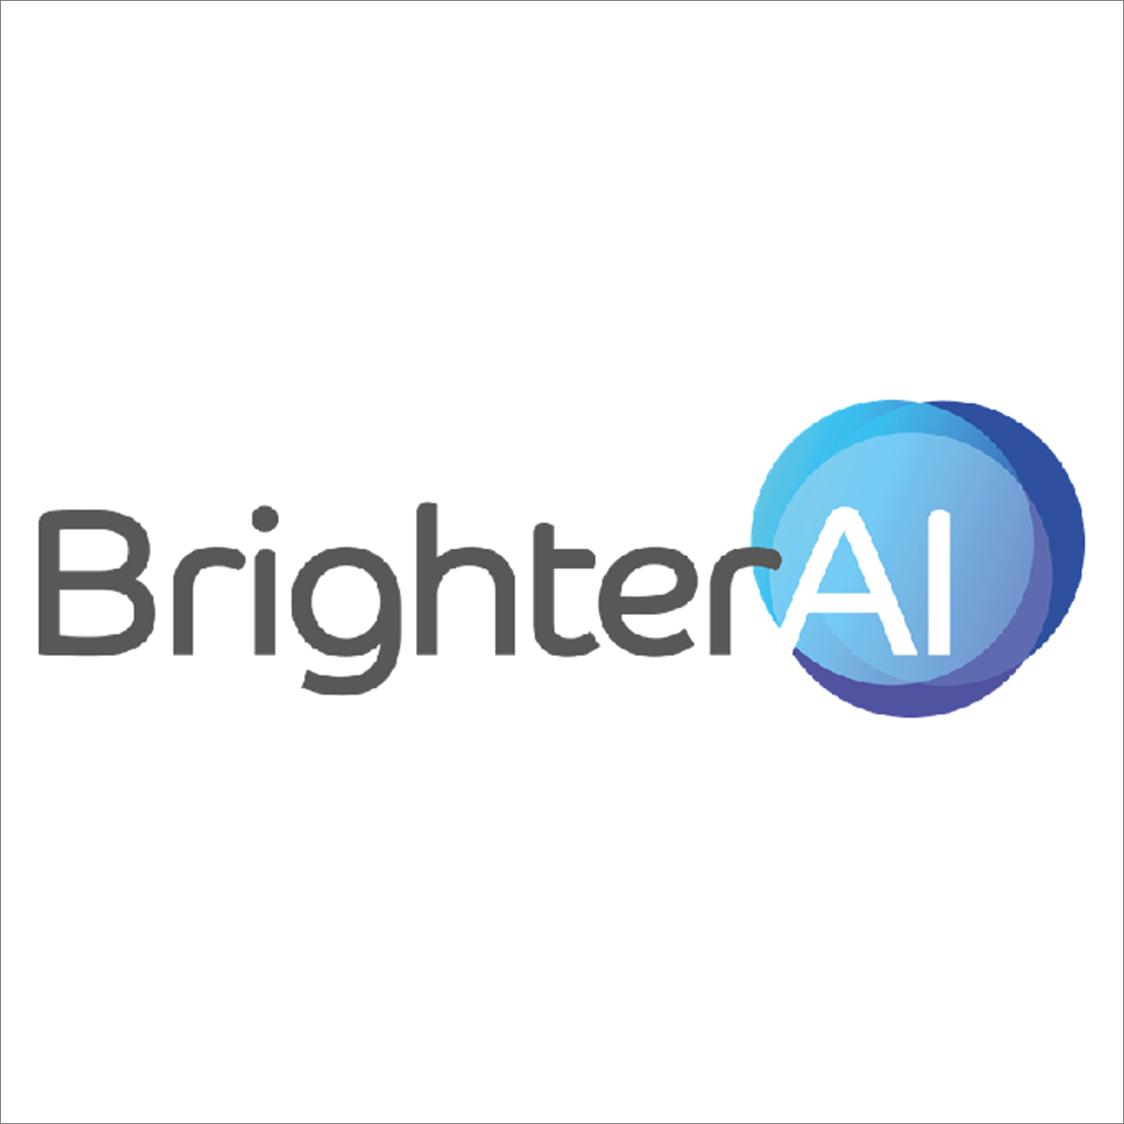 BrighterAI